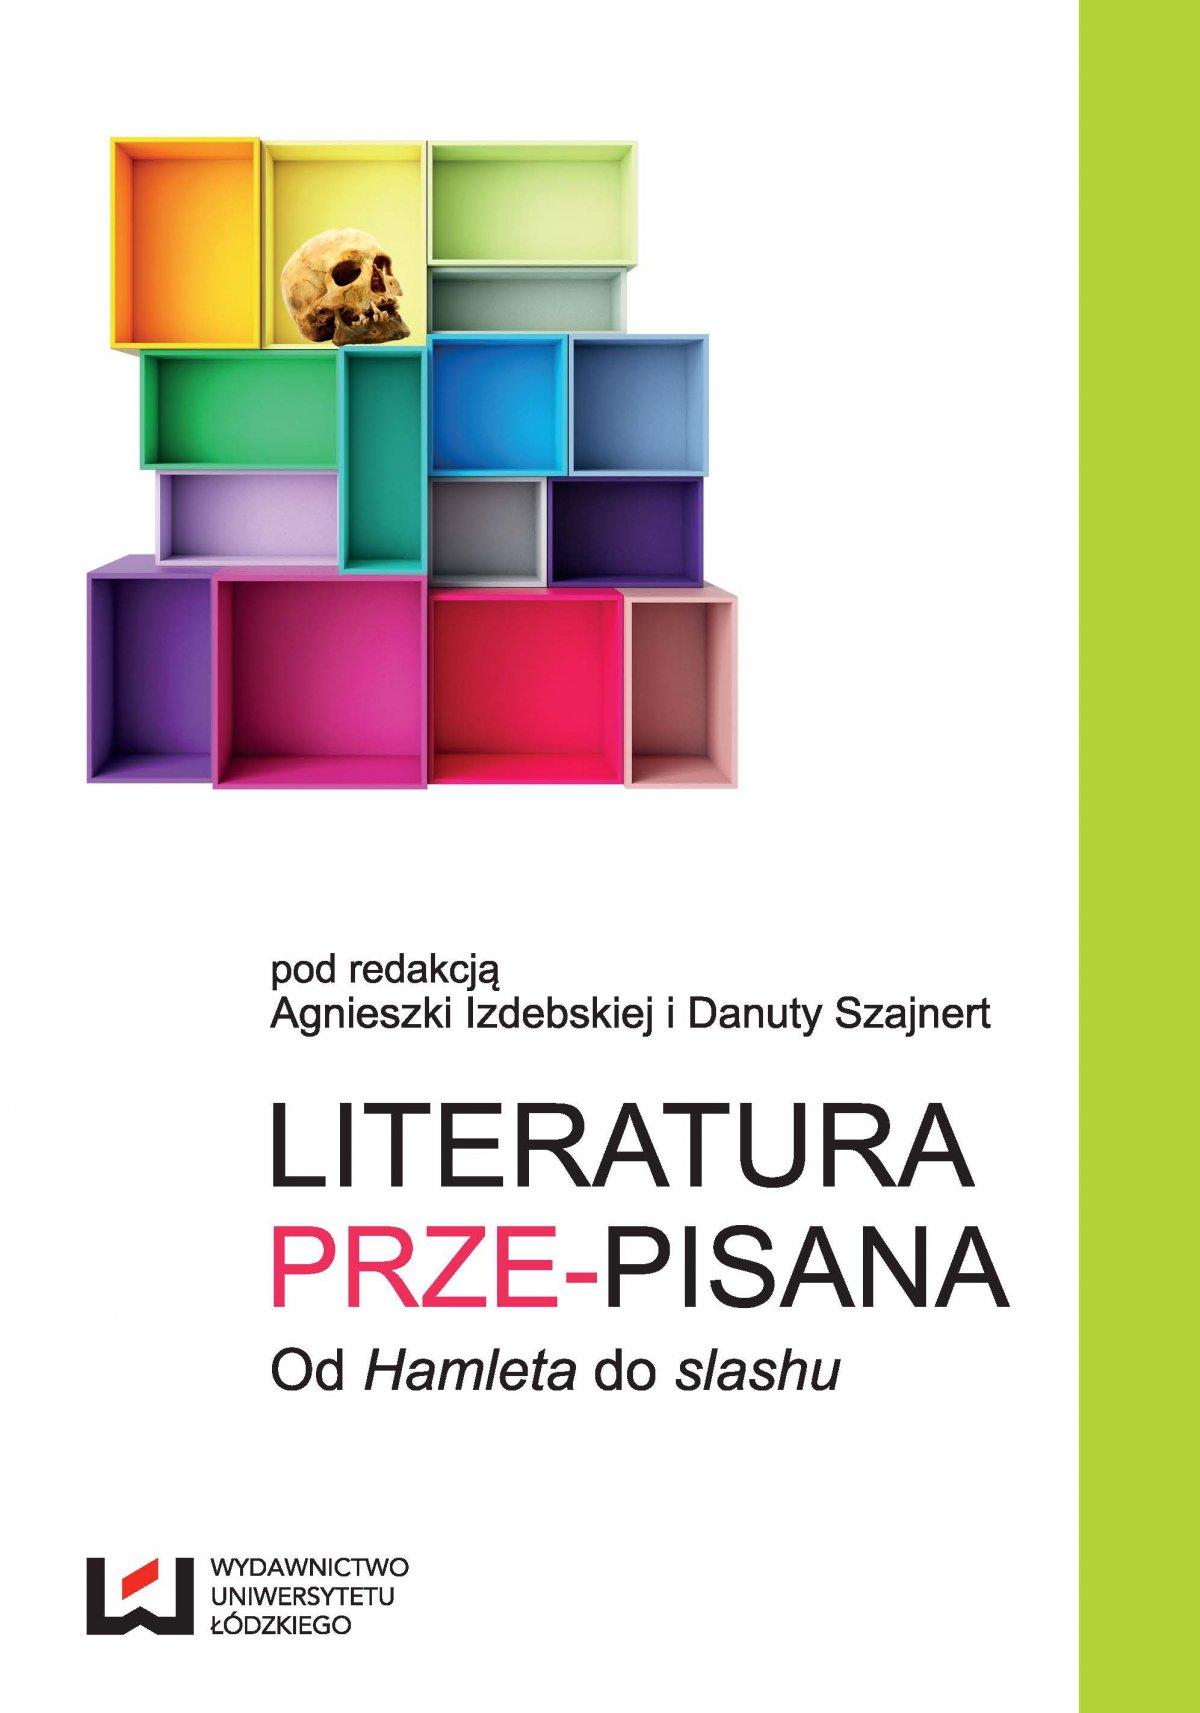 """Literatura prze-pisana. Od """"Hamleta"""" do slashu - Ebook (Książka PDF) do pobrania w formacie PDF"""